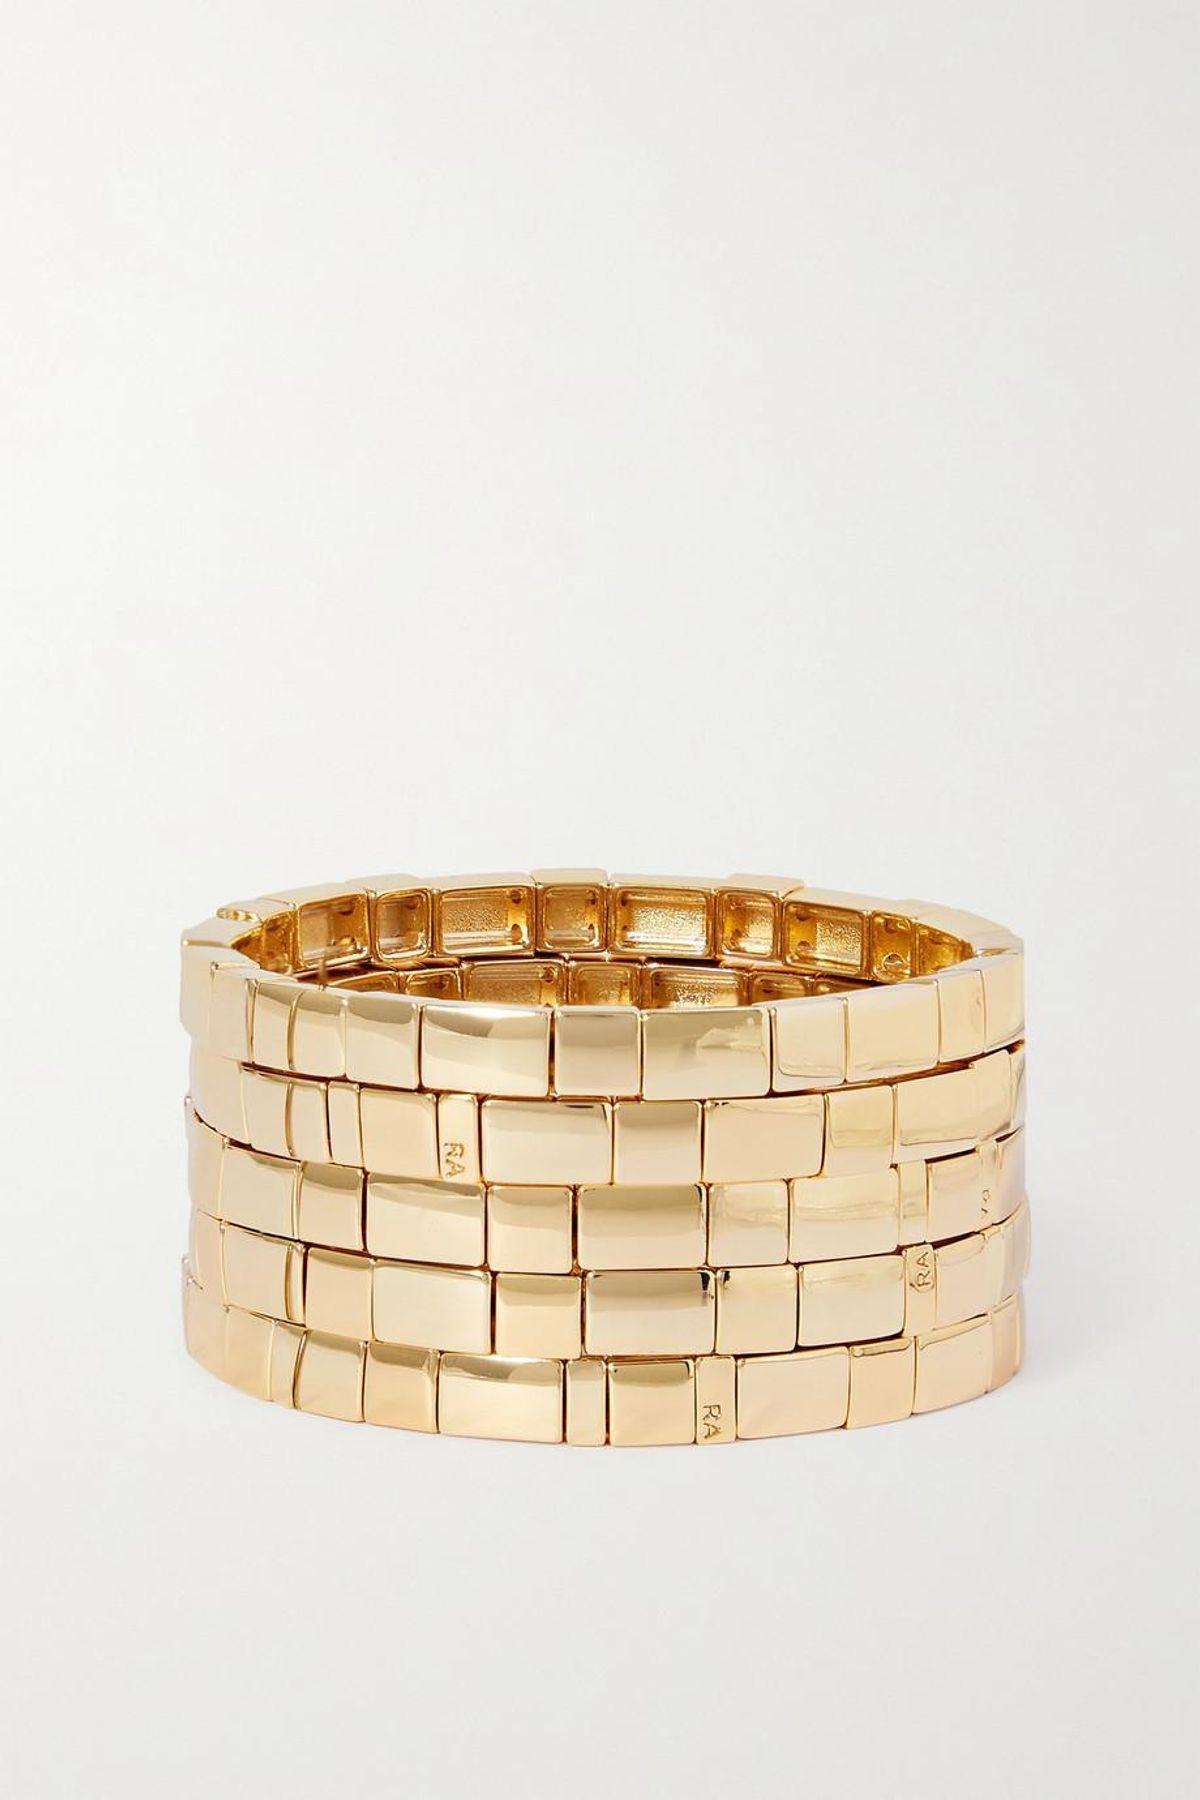 Brick by Brick Set of Five Gold Tone Bracelets